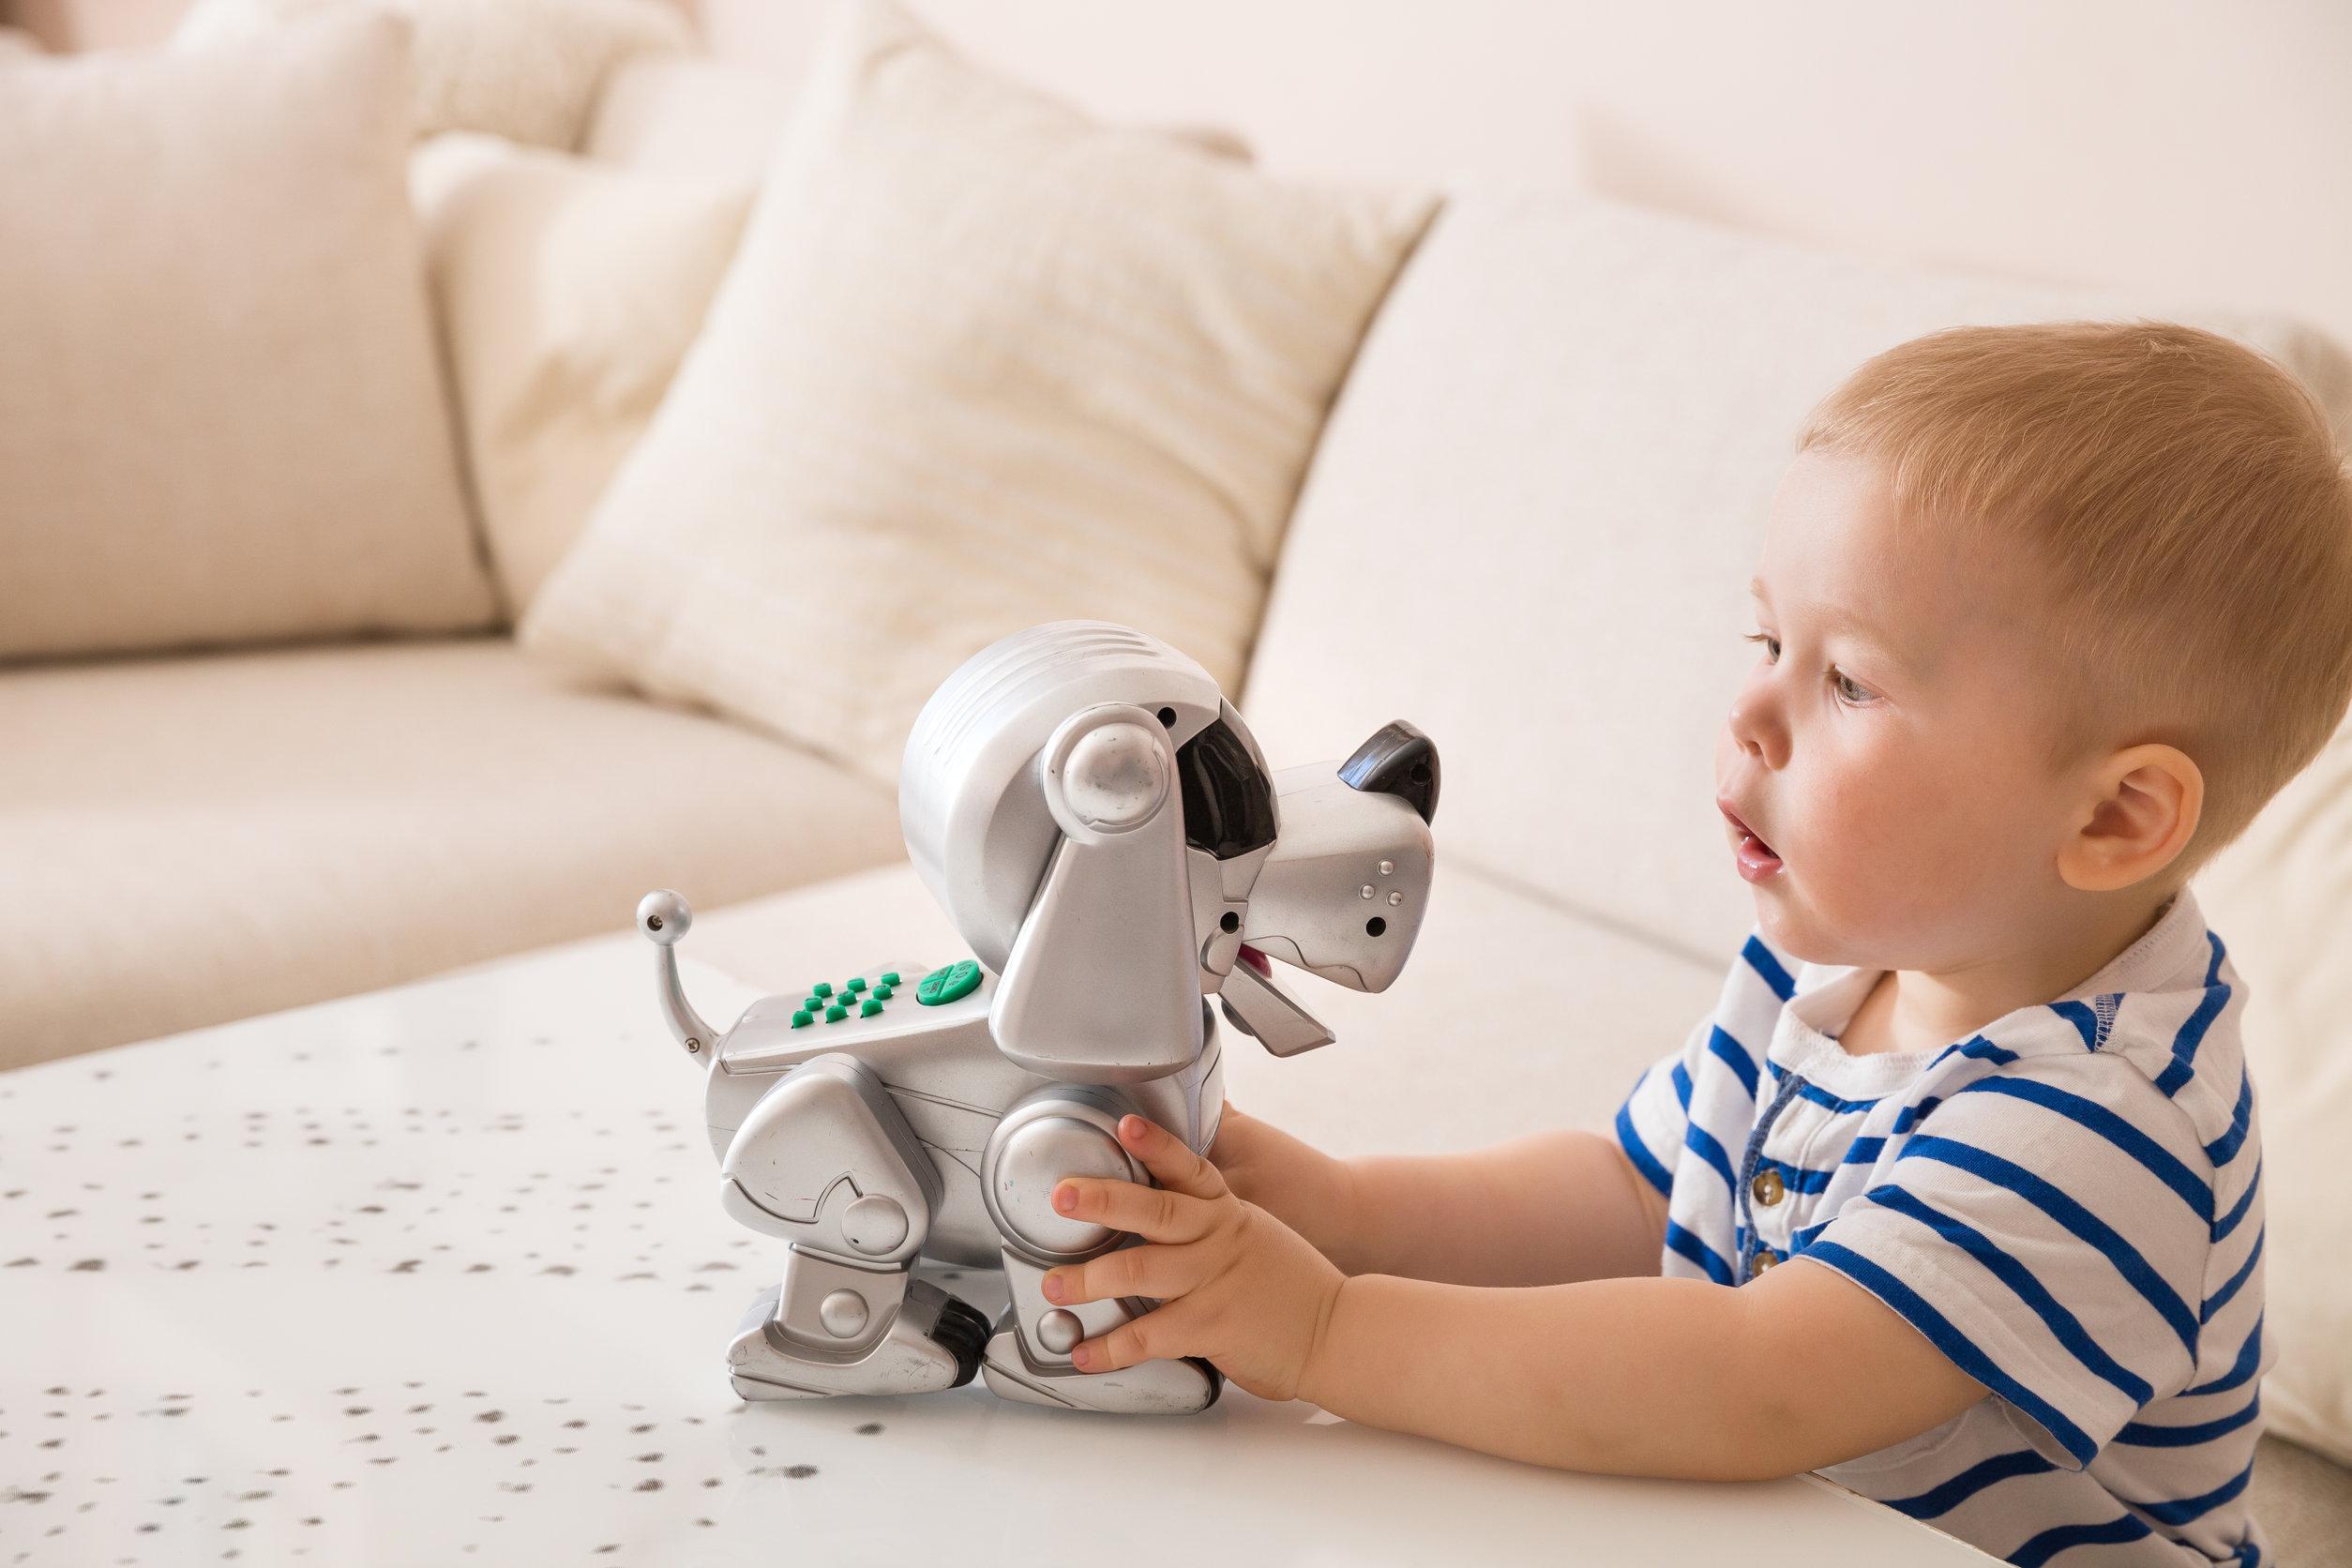 Adorable niño pequeño jugando con juguetes interactivos.